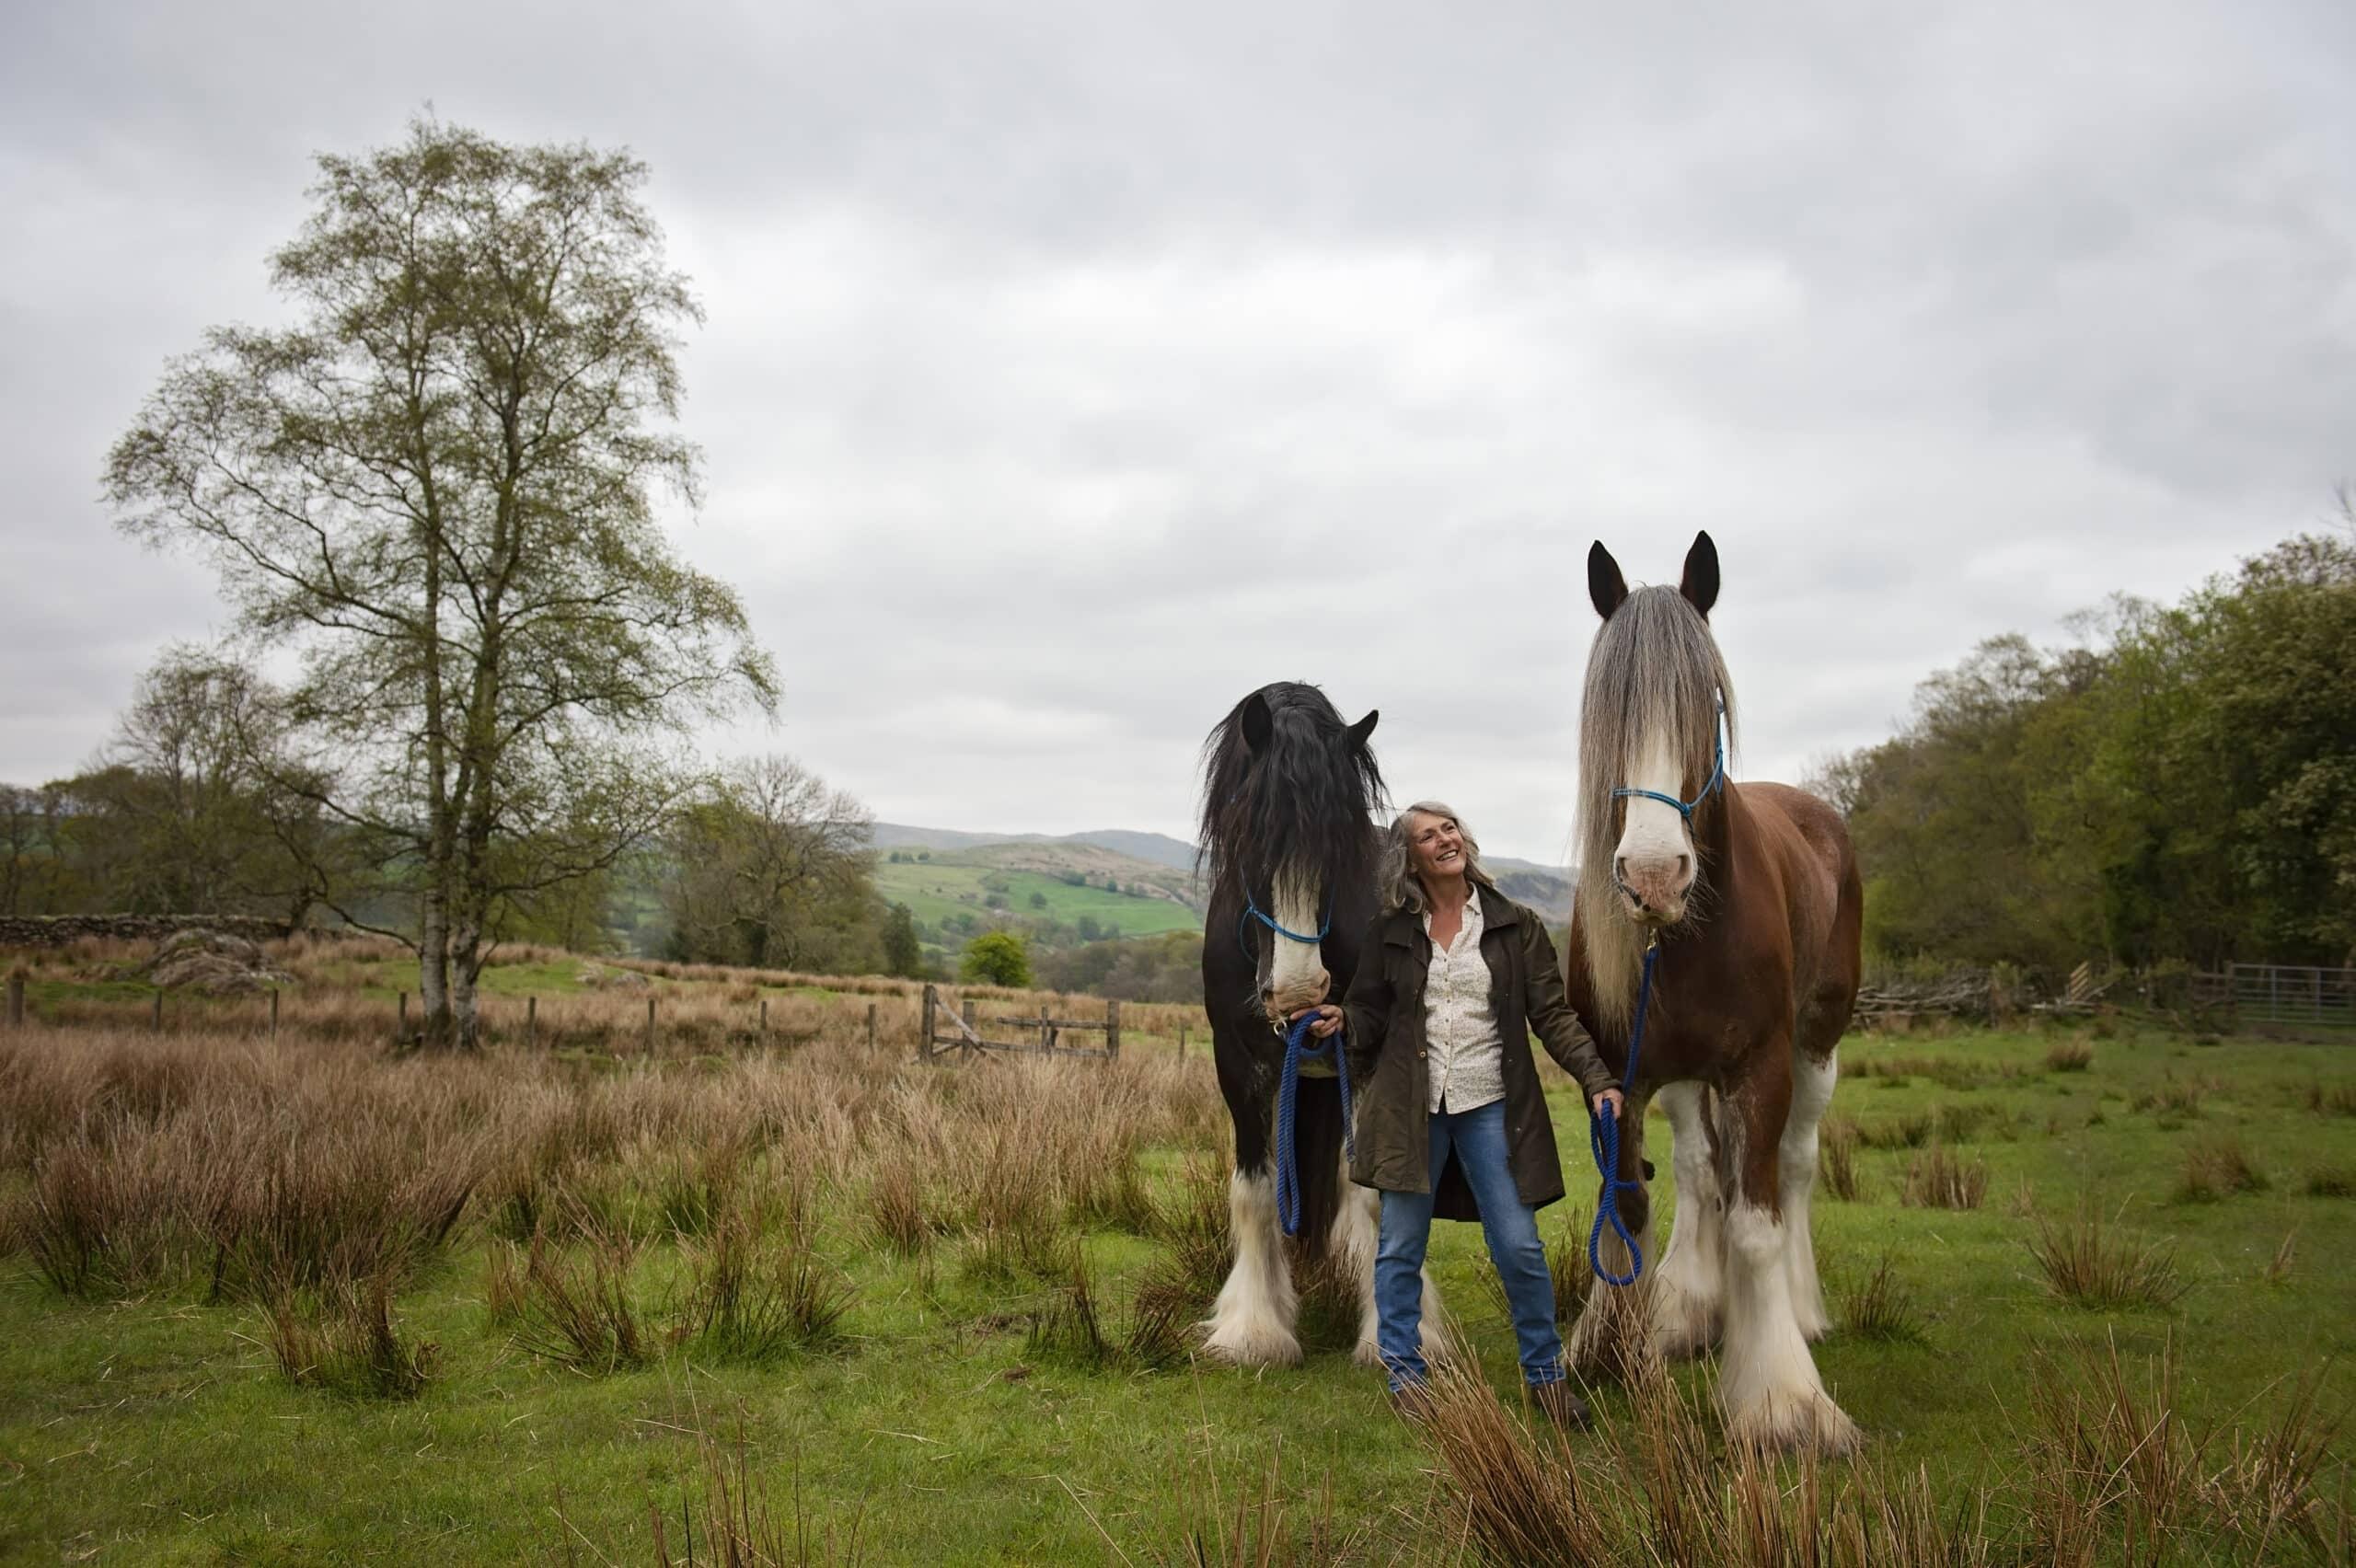 Cumbrian Equine Photoshoot